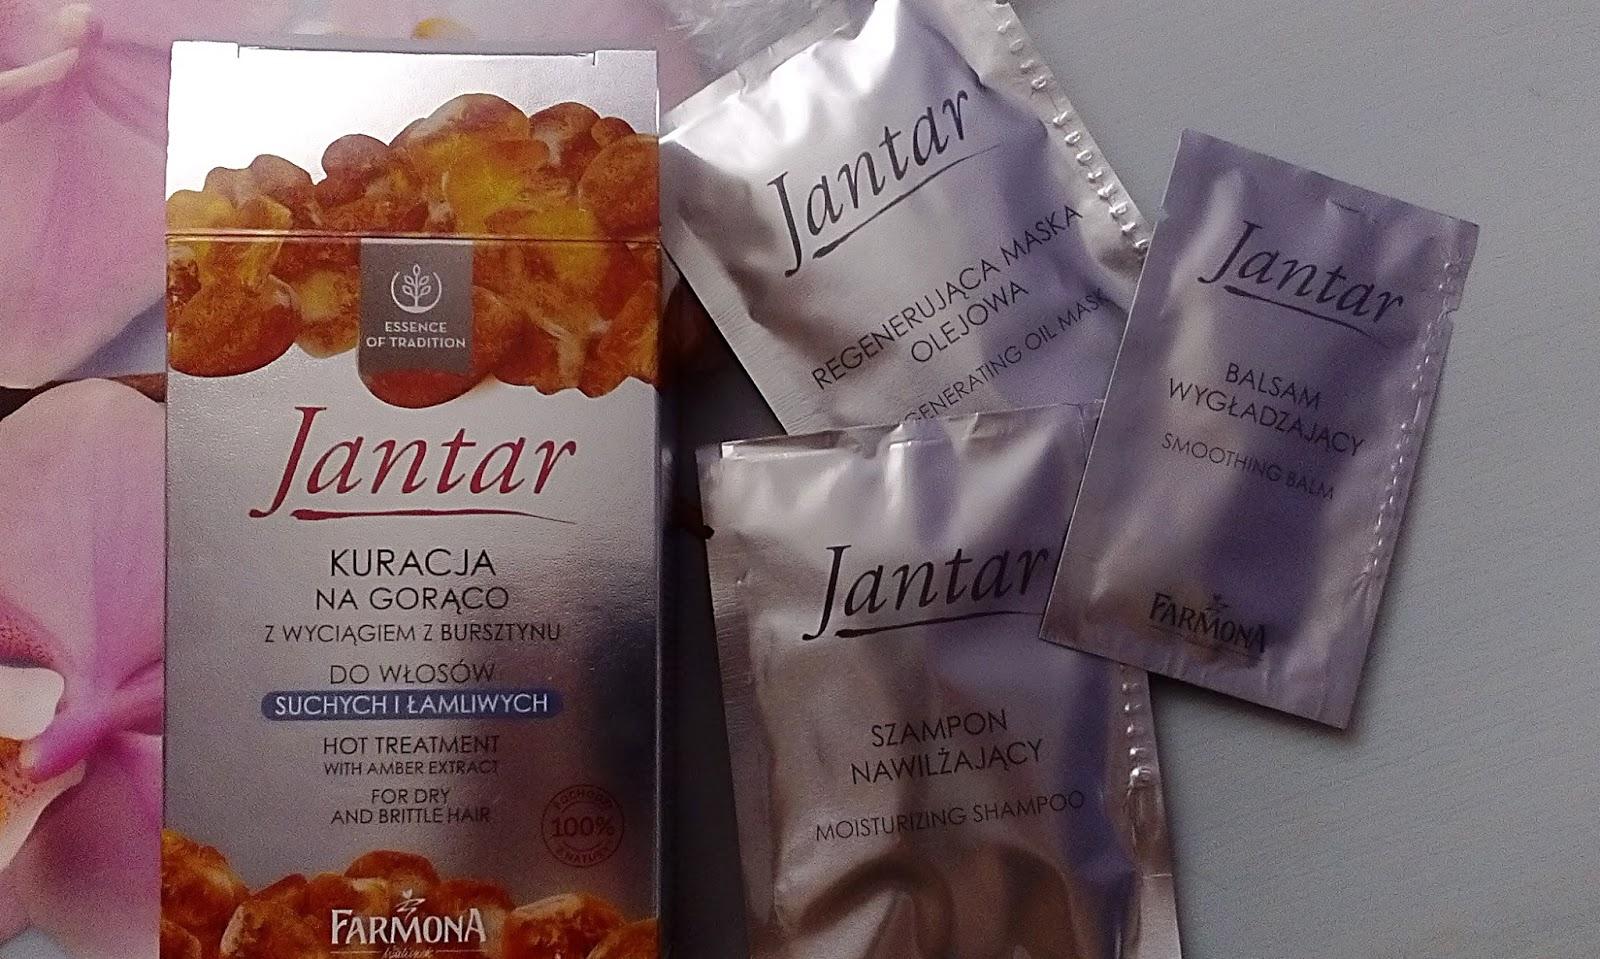 Kuracja Jantar na gorąco - opinia i efekty + mini aktualizacja włosów luty 2017